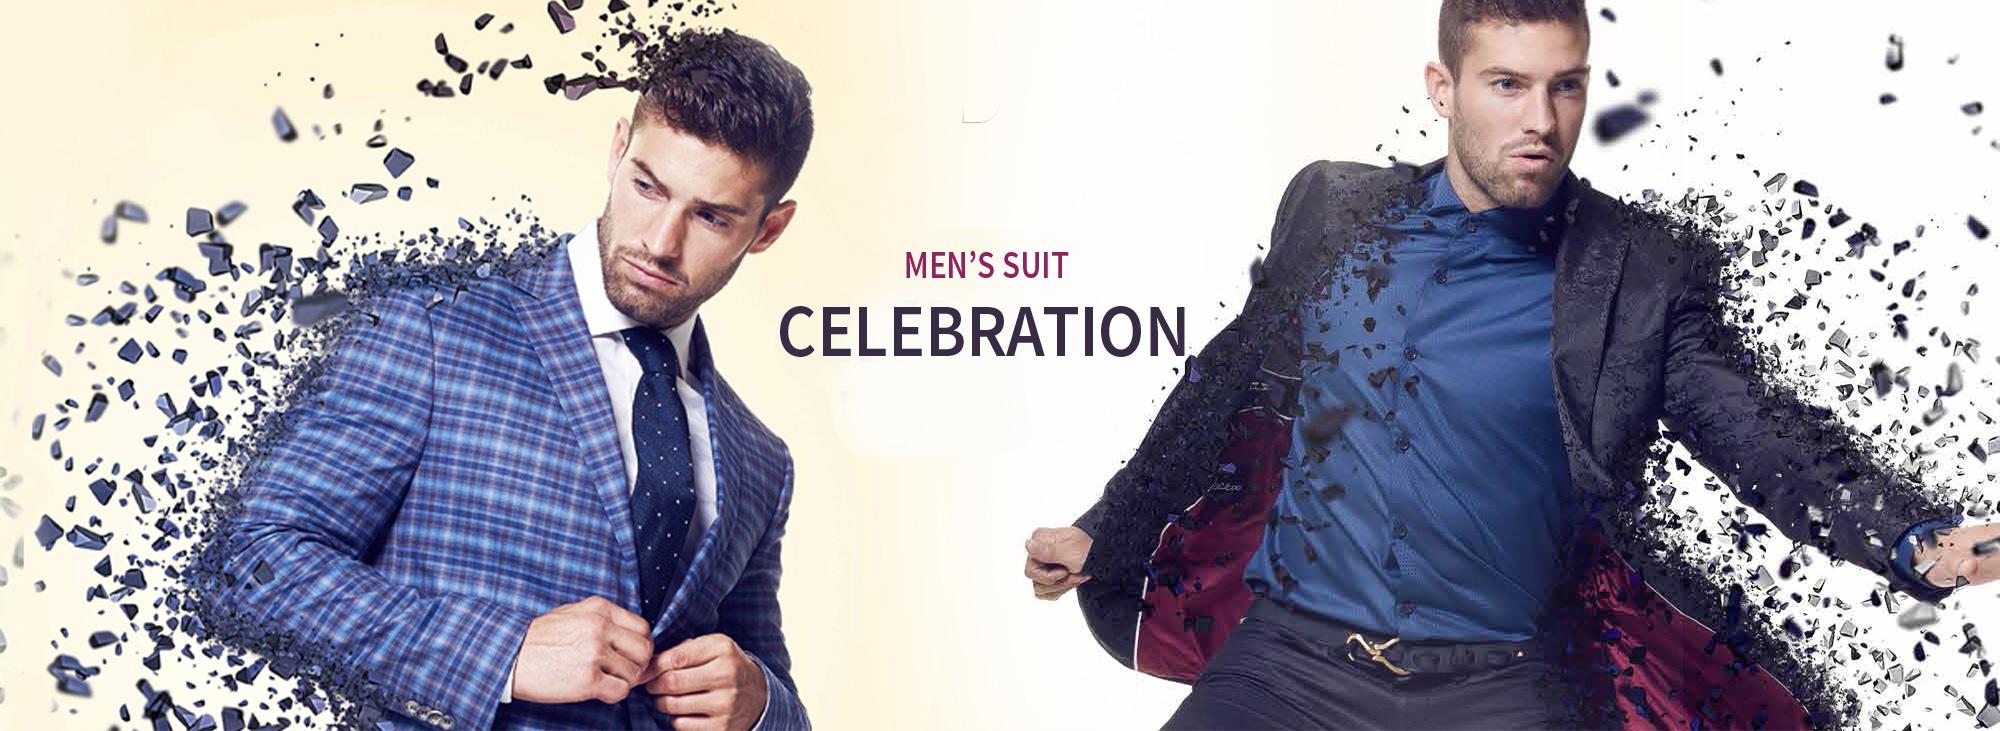 Men's suit Celebration